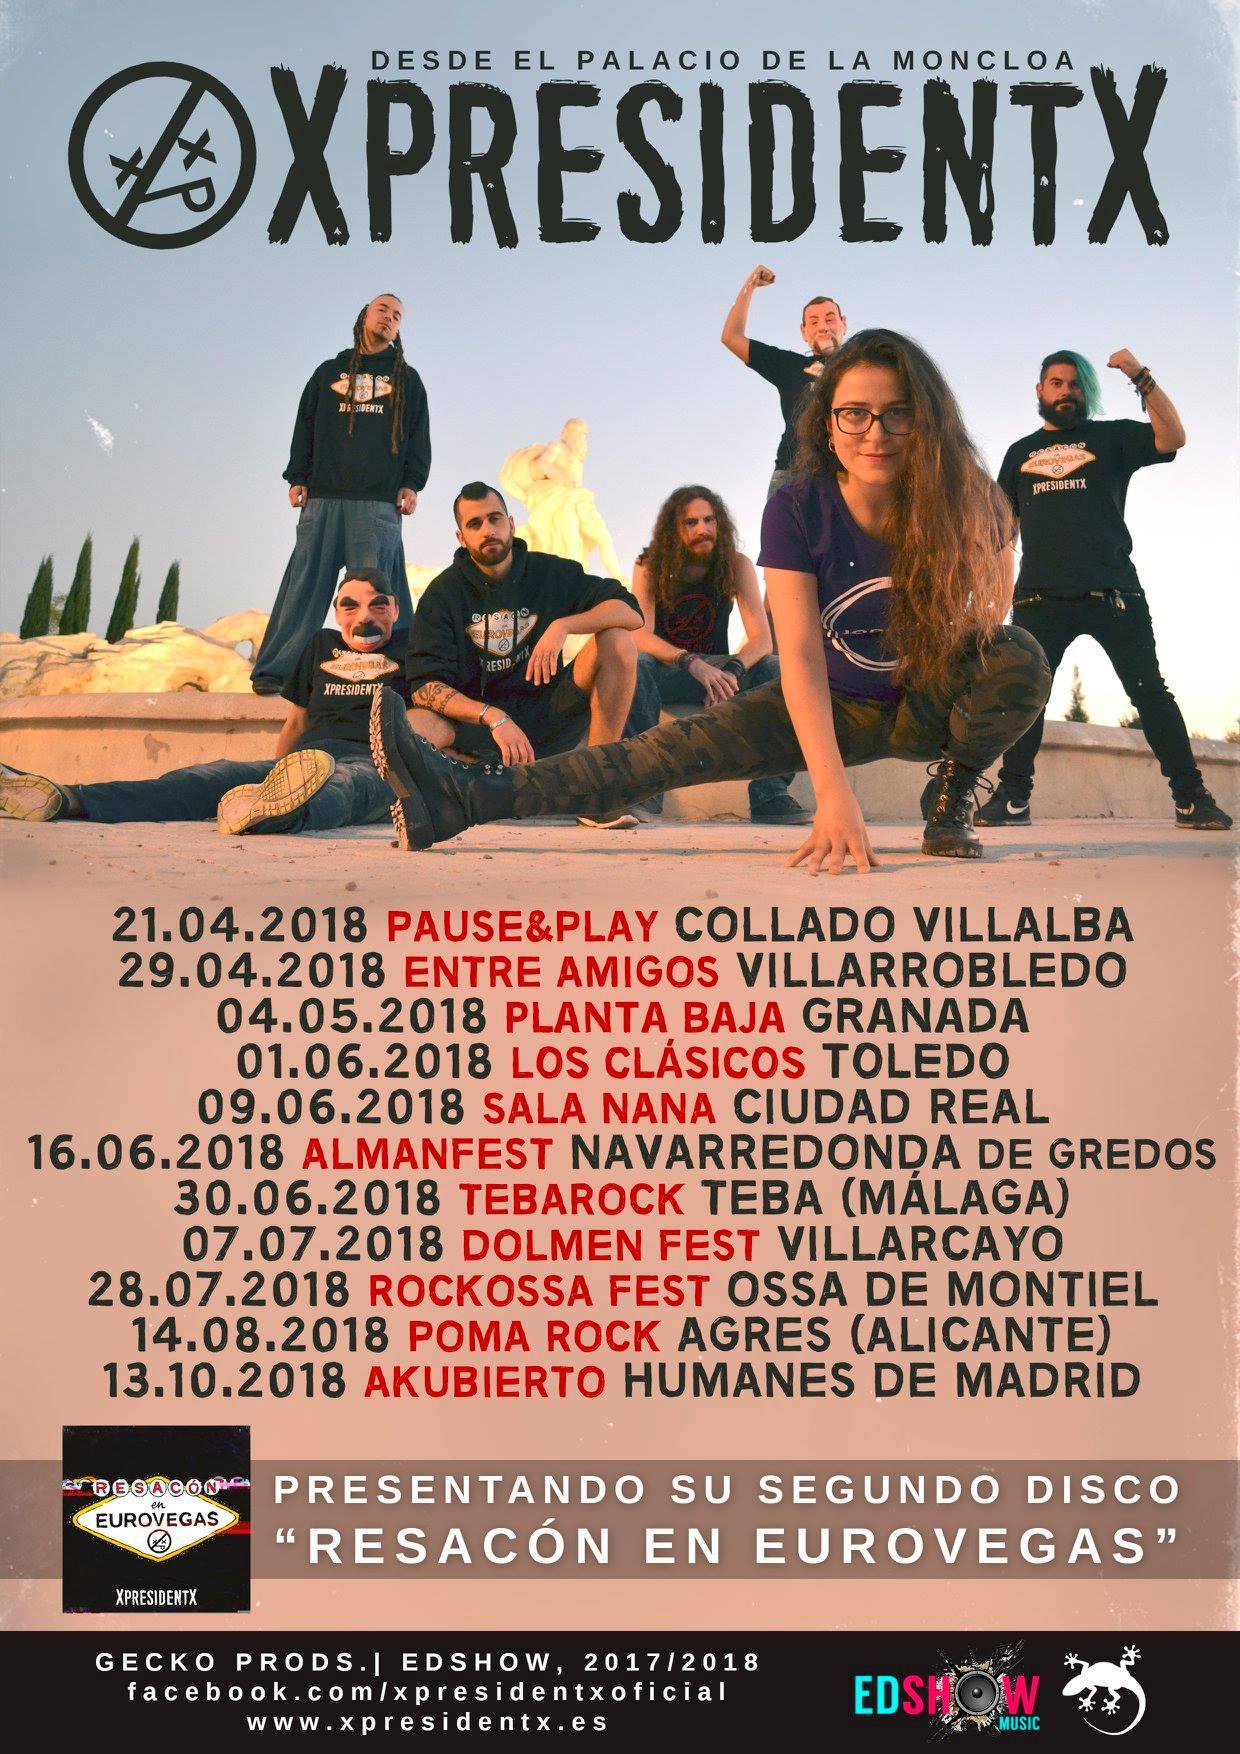 XpresidentX Rap Metal Punk España Gira Resacon en eurovegas 2018